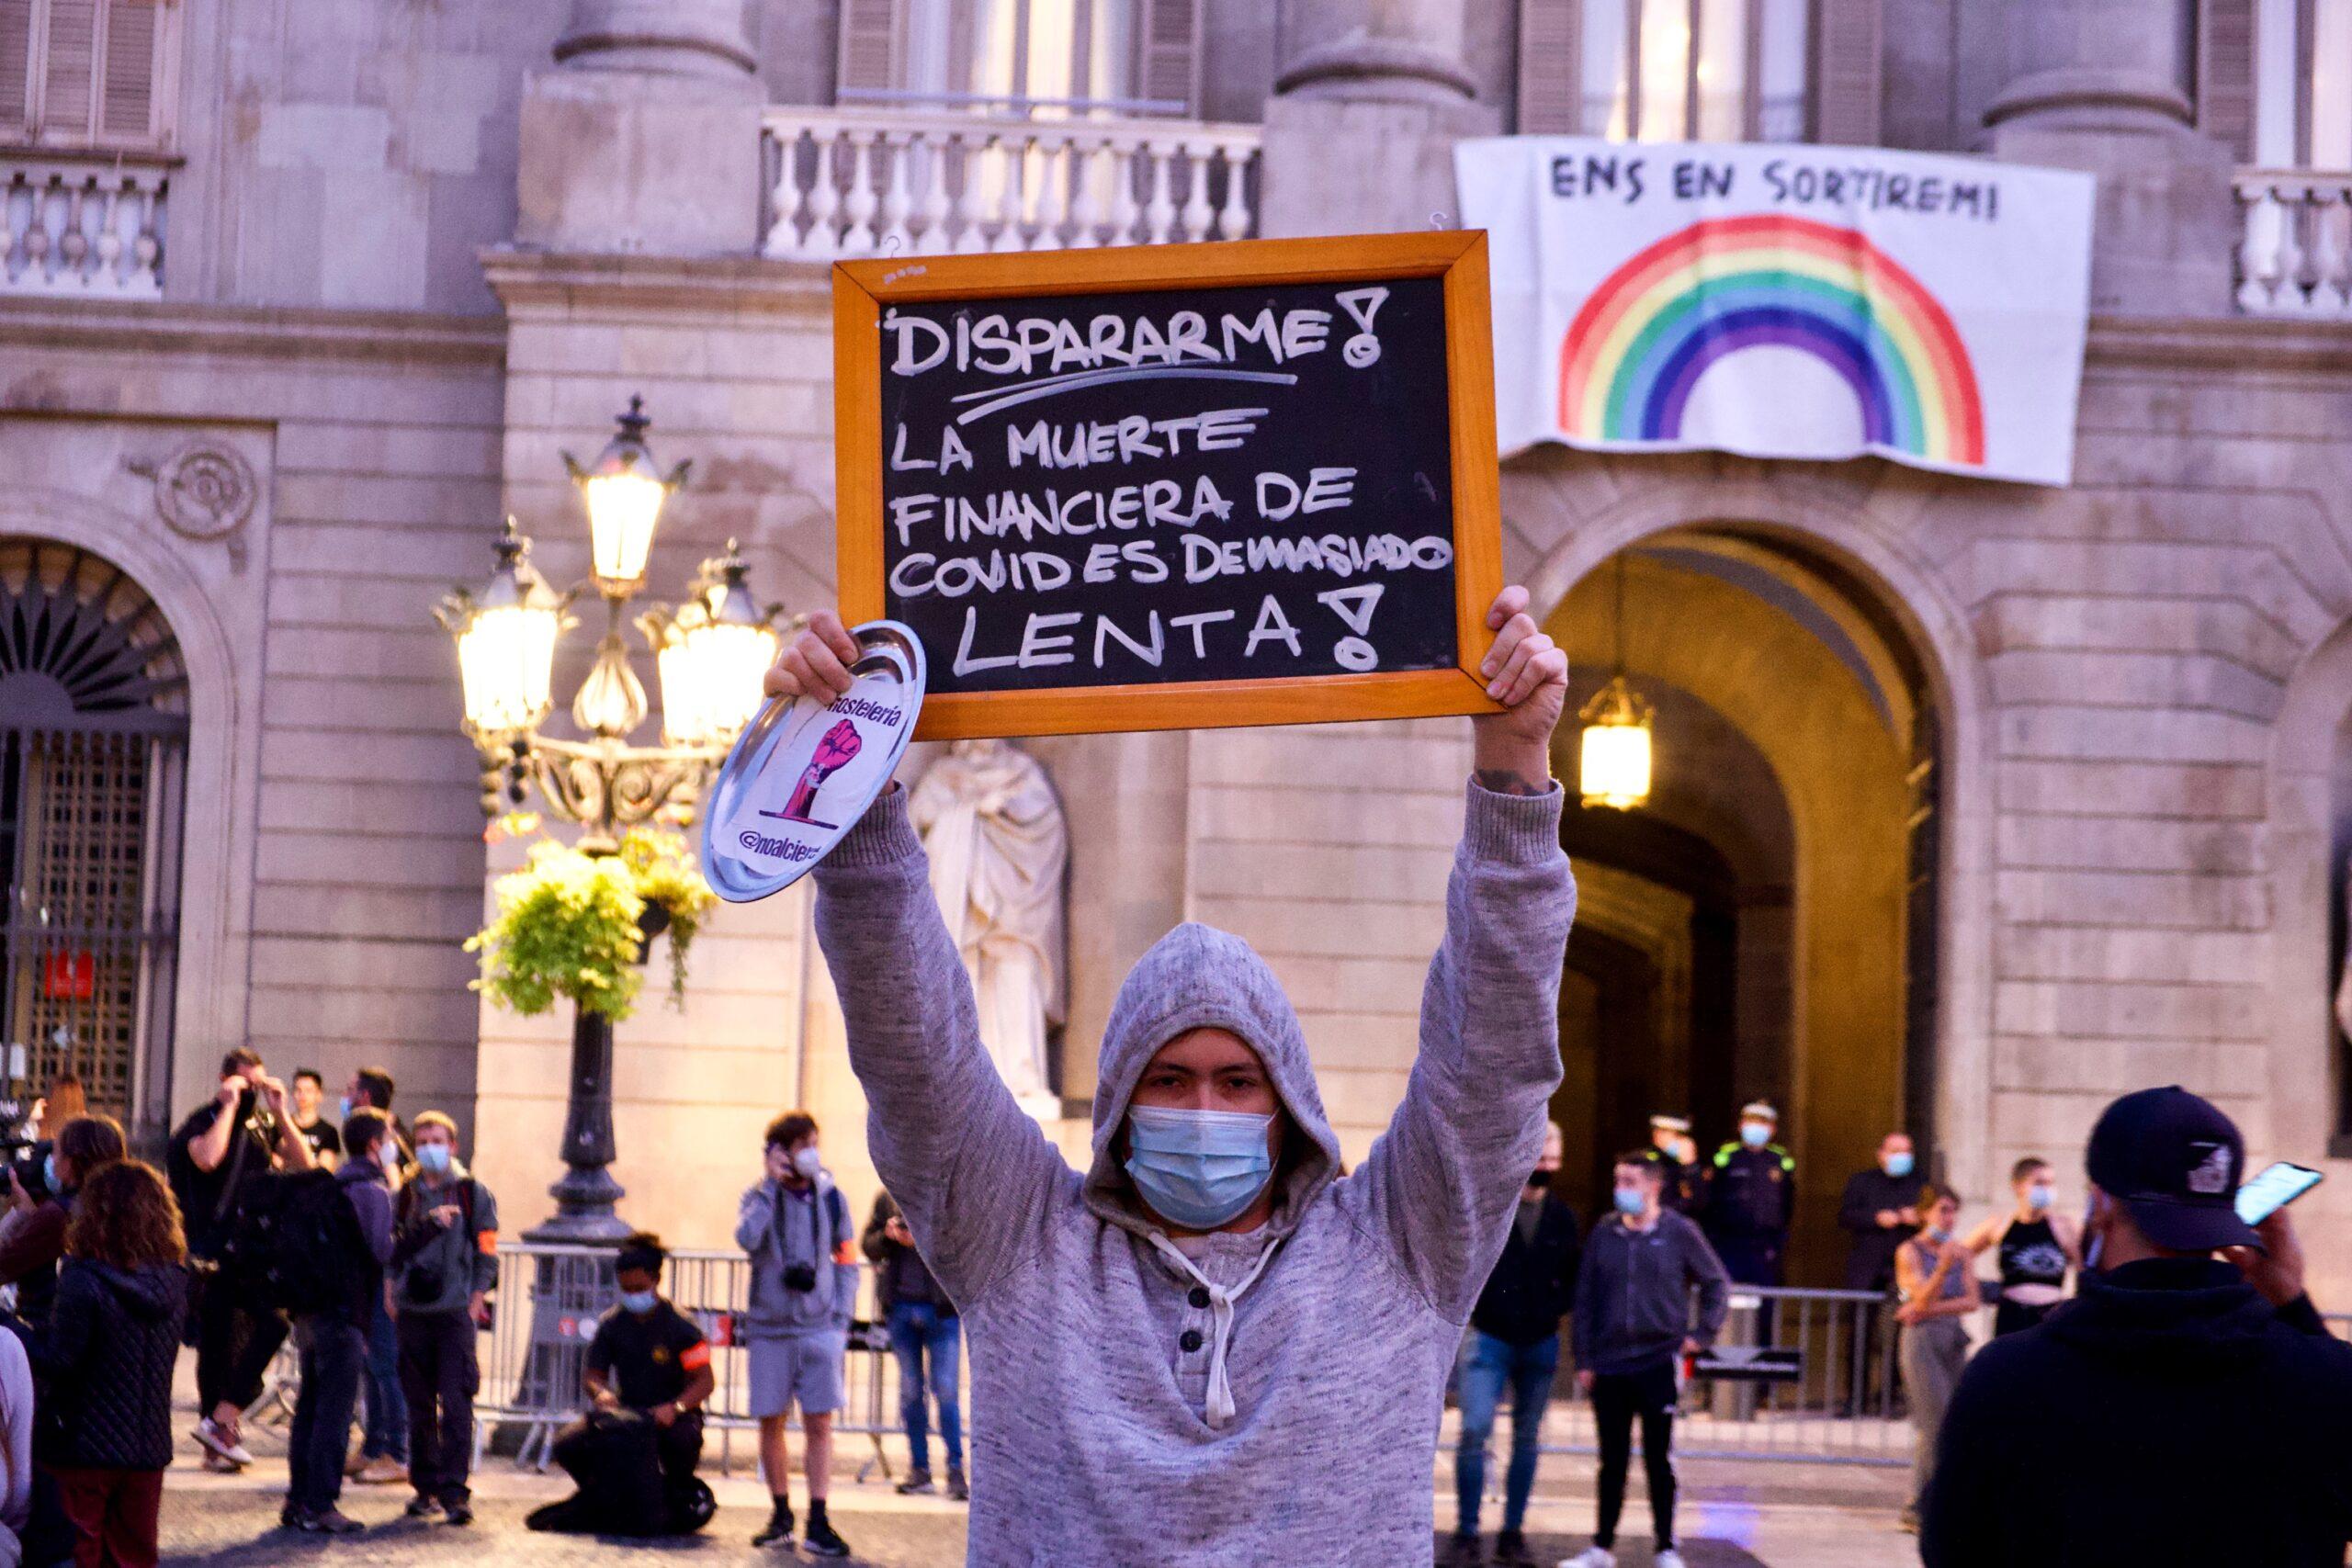 Un dels manifestants a la protesta de plaça Sant Jaume aquest divendres / Jordi Play